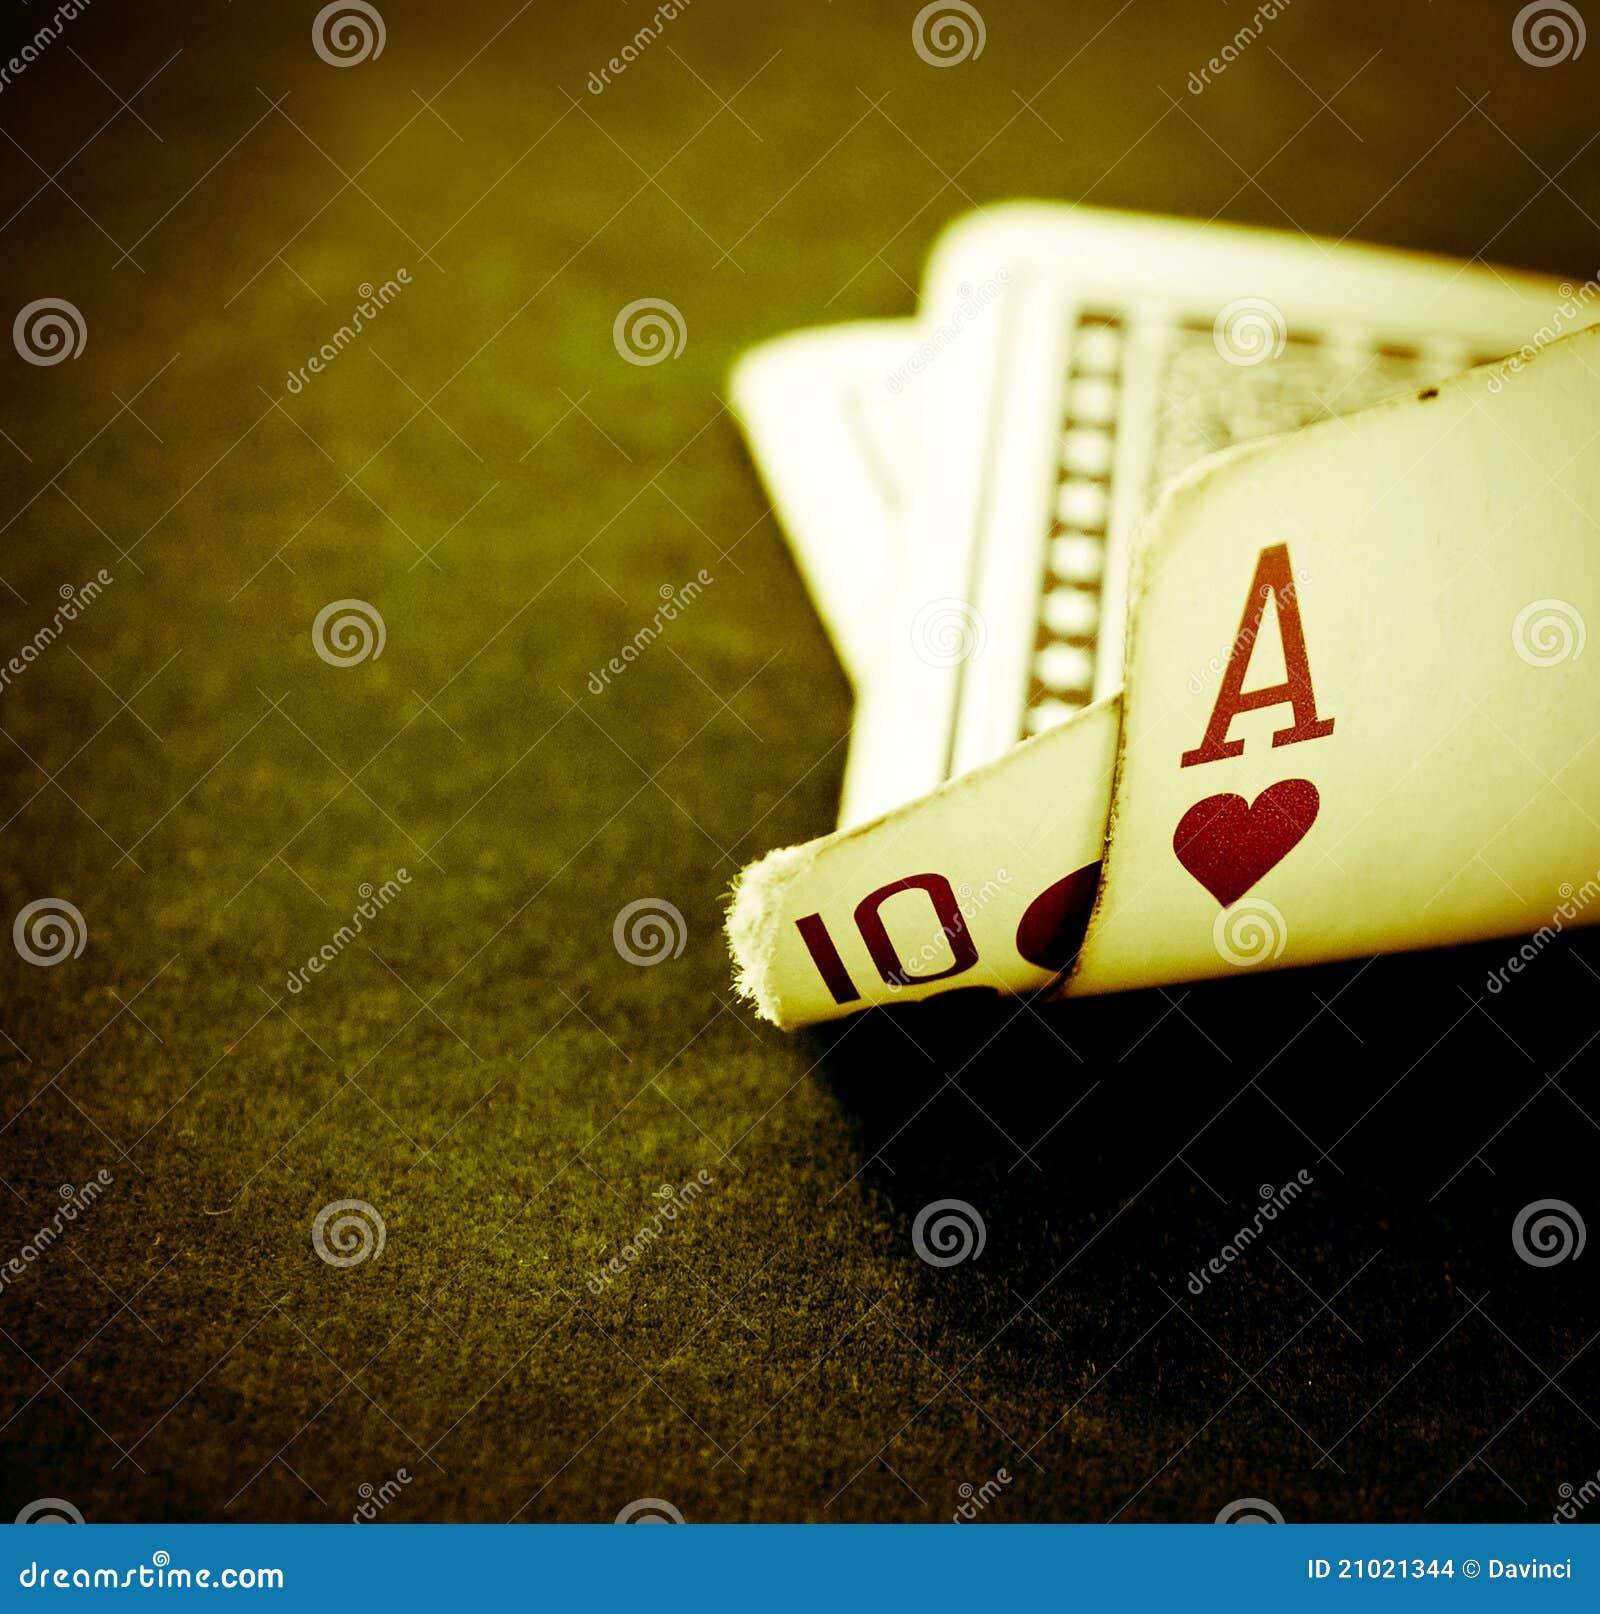 Casino table hire colchester